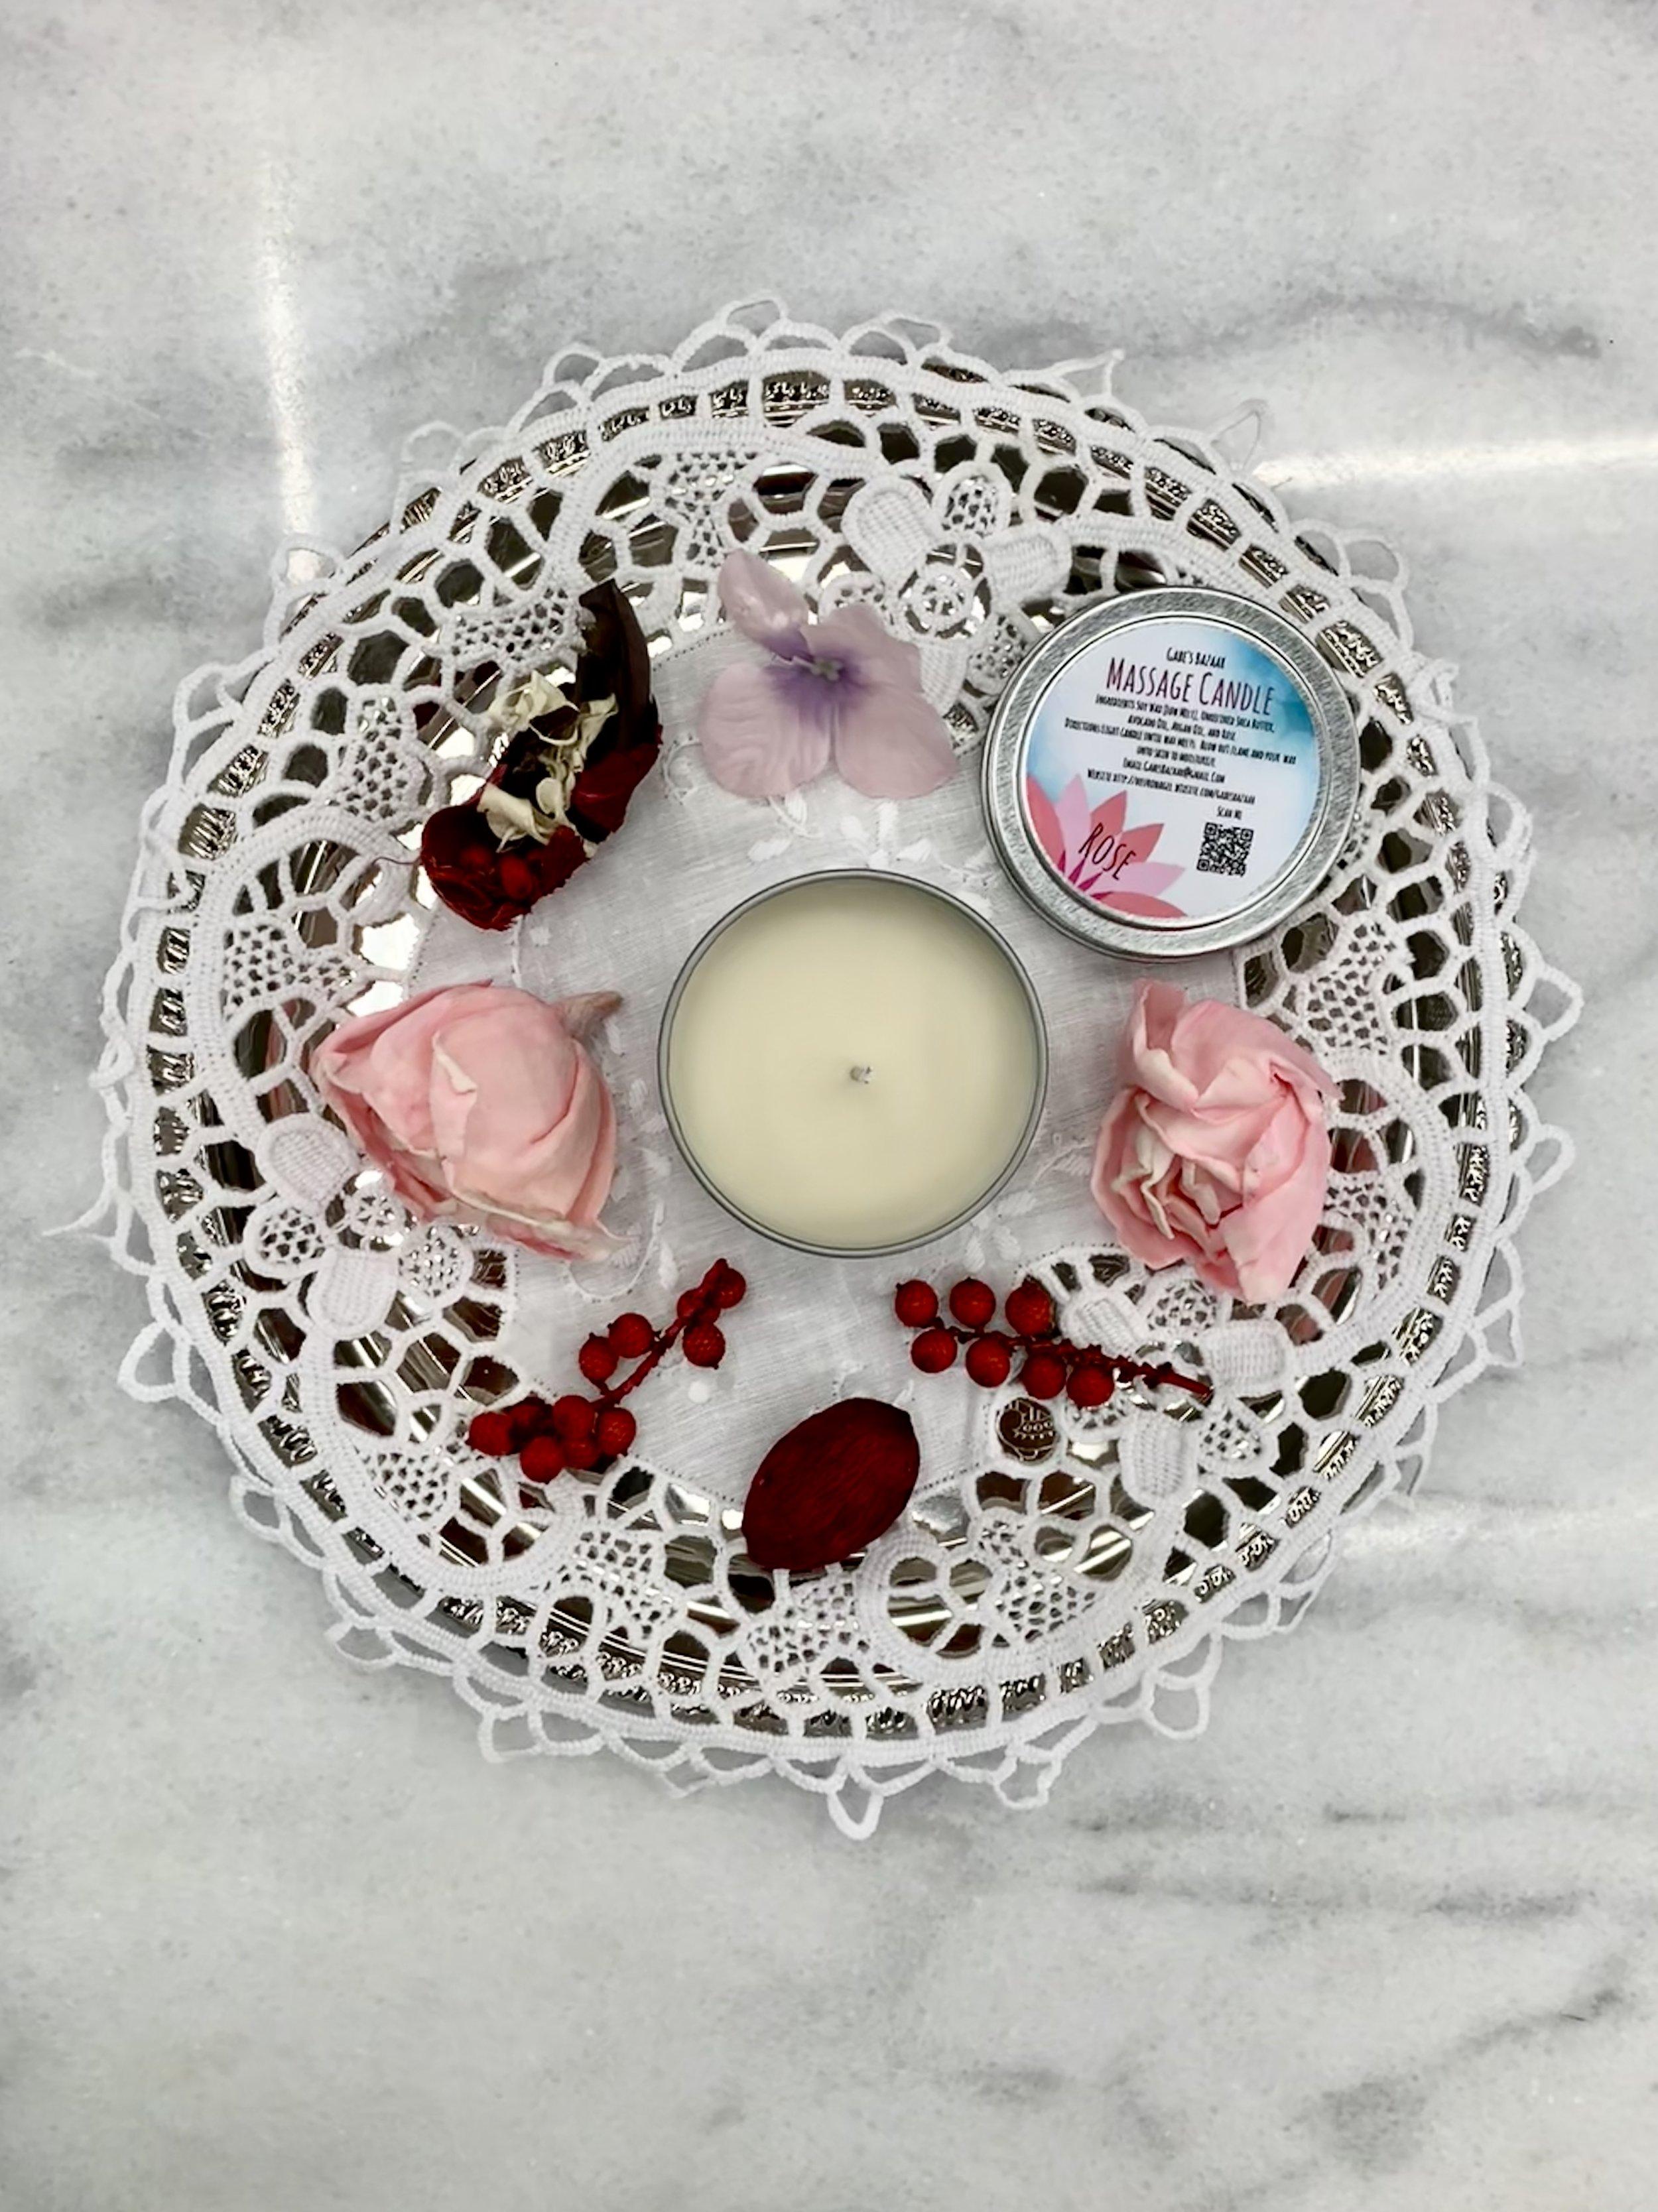 Rose Moisturizing Massage Candle